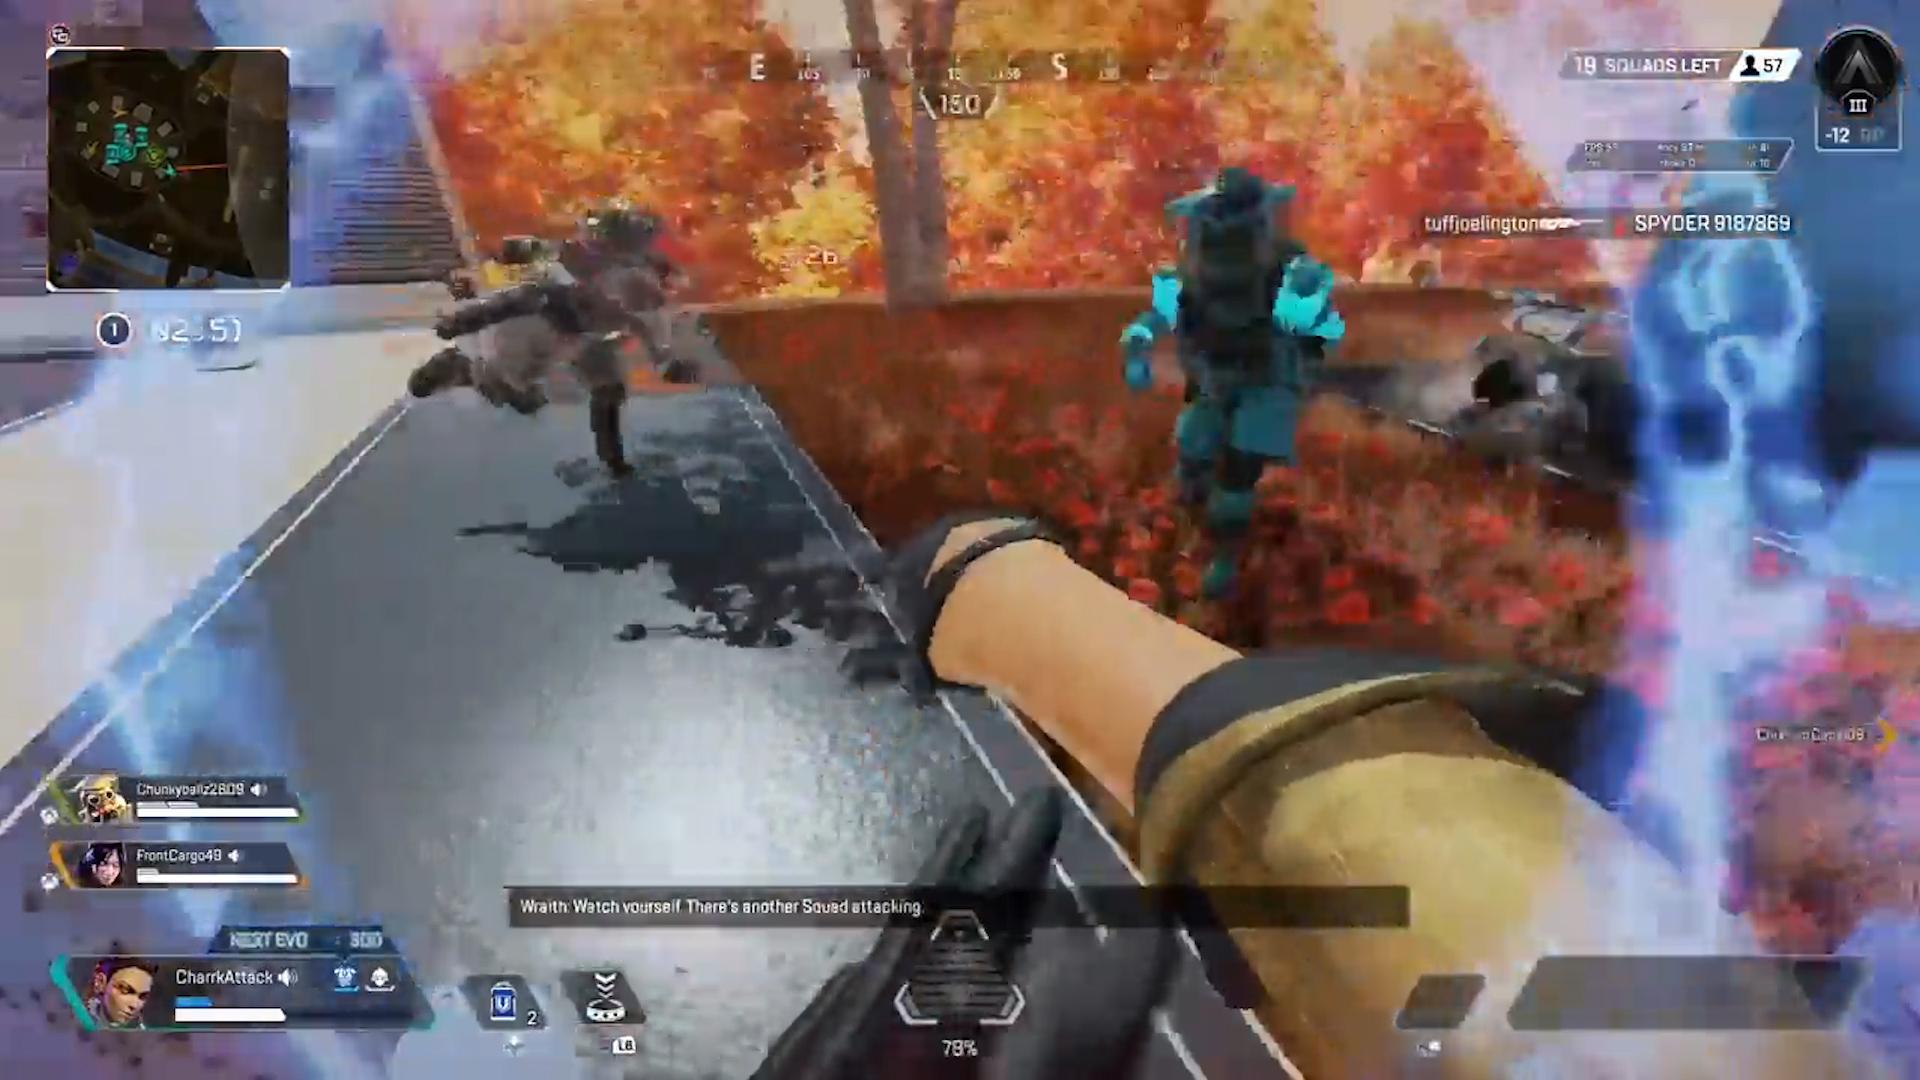 【APEX】拳のみで敵部隊3人を倒すローバ